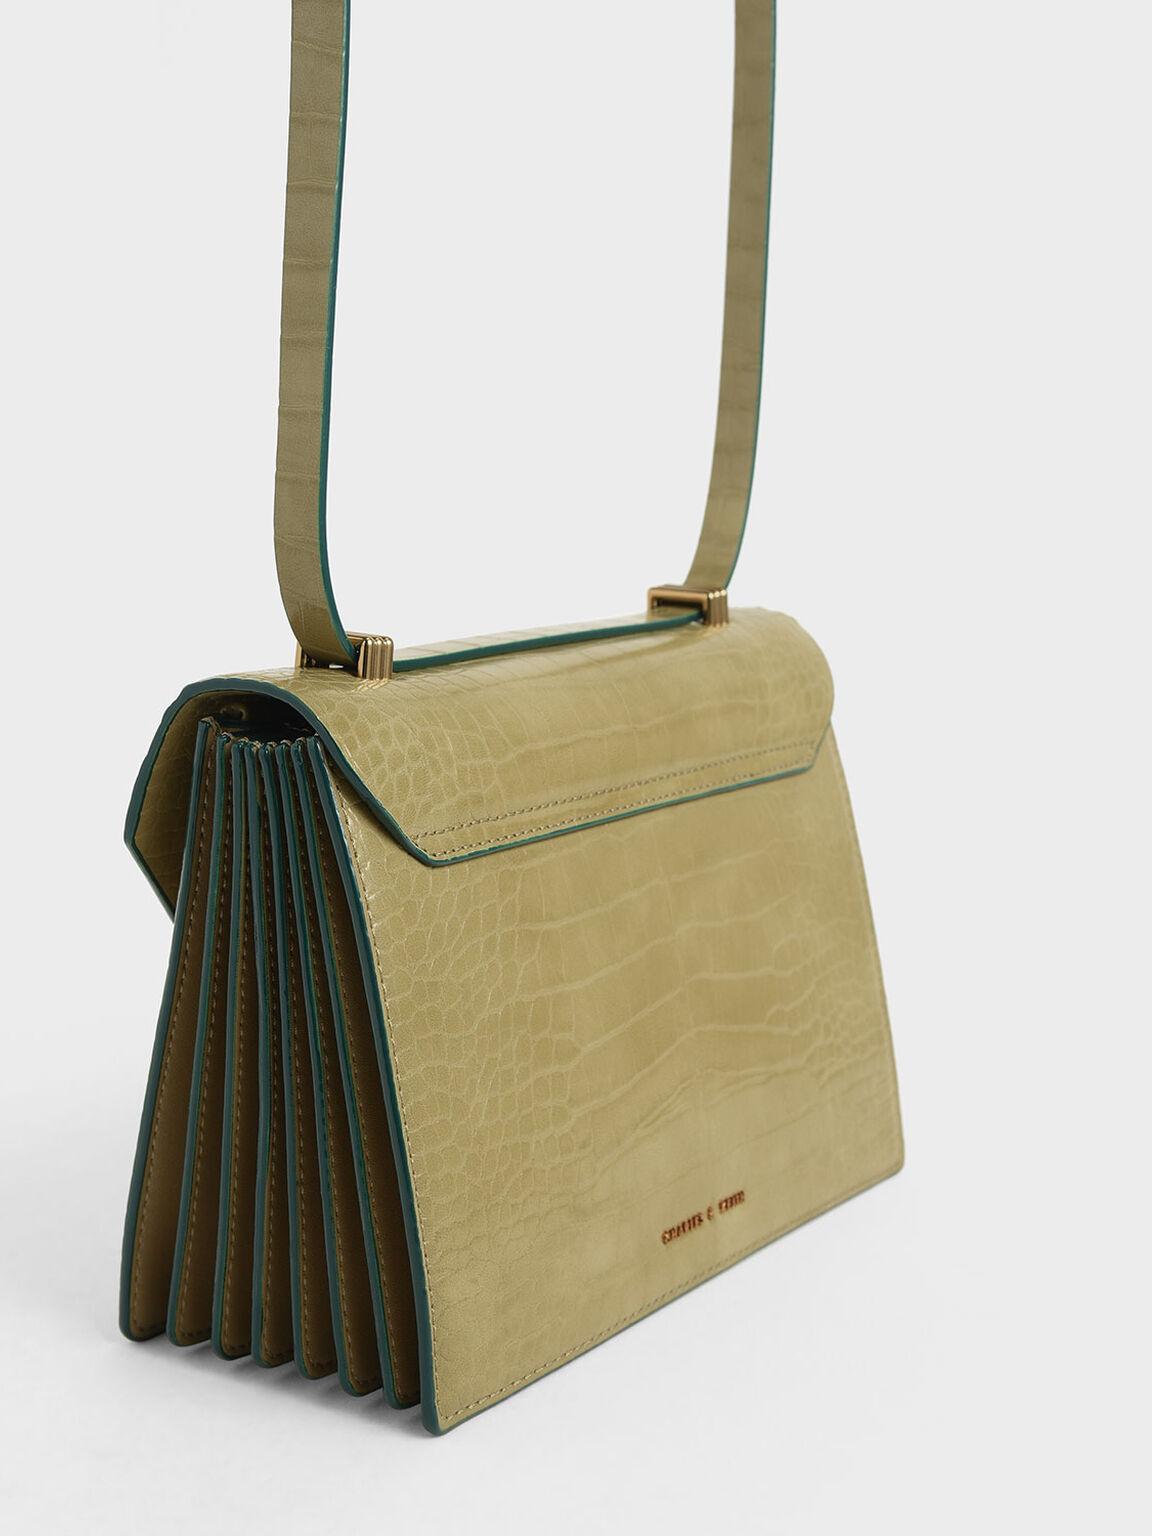 Croc-Effect Metal Accent Crossbody Bag, Sand, hi-res